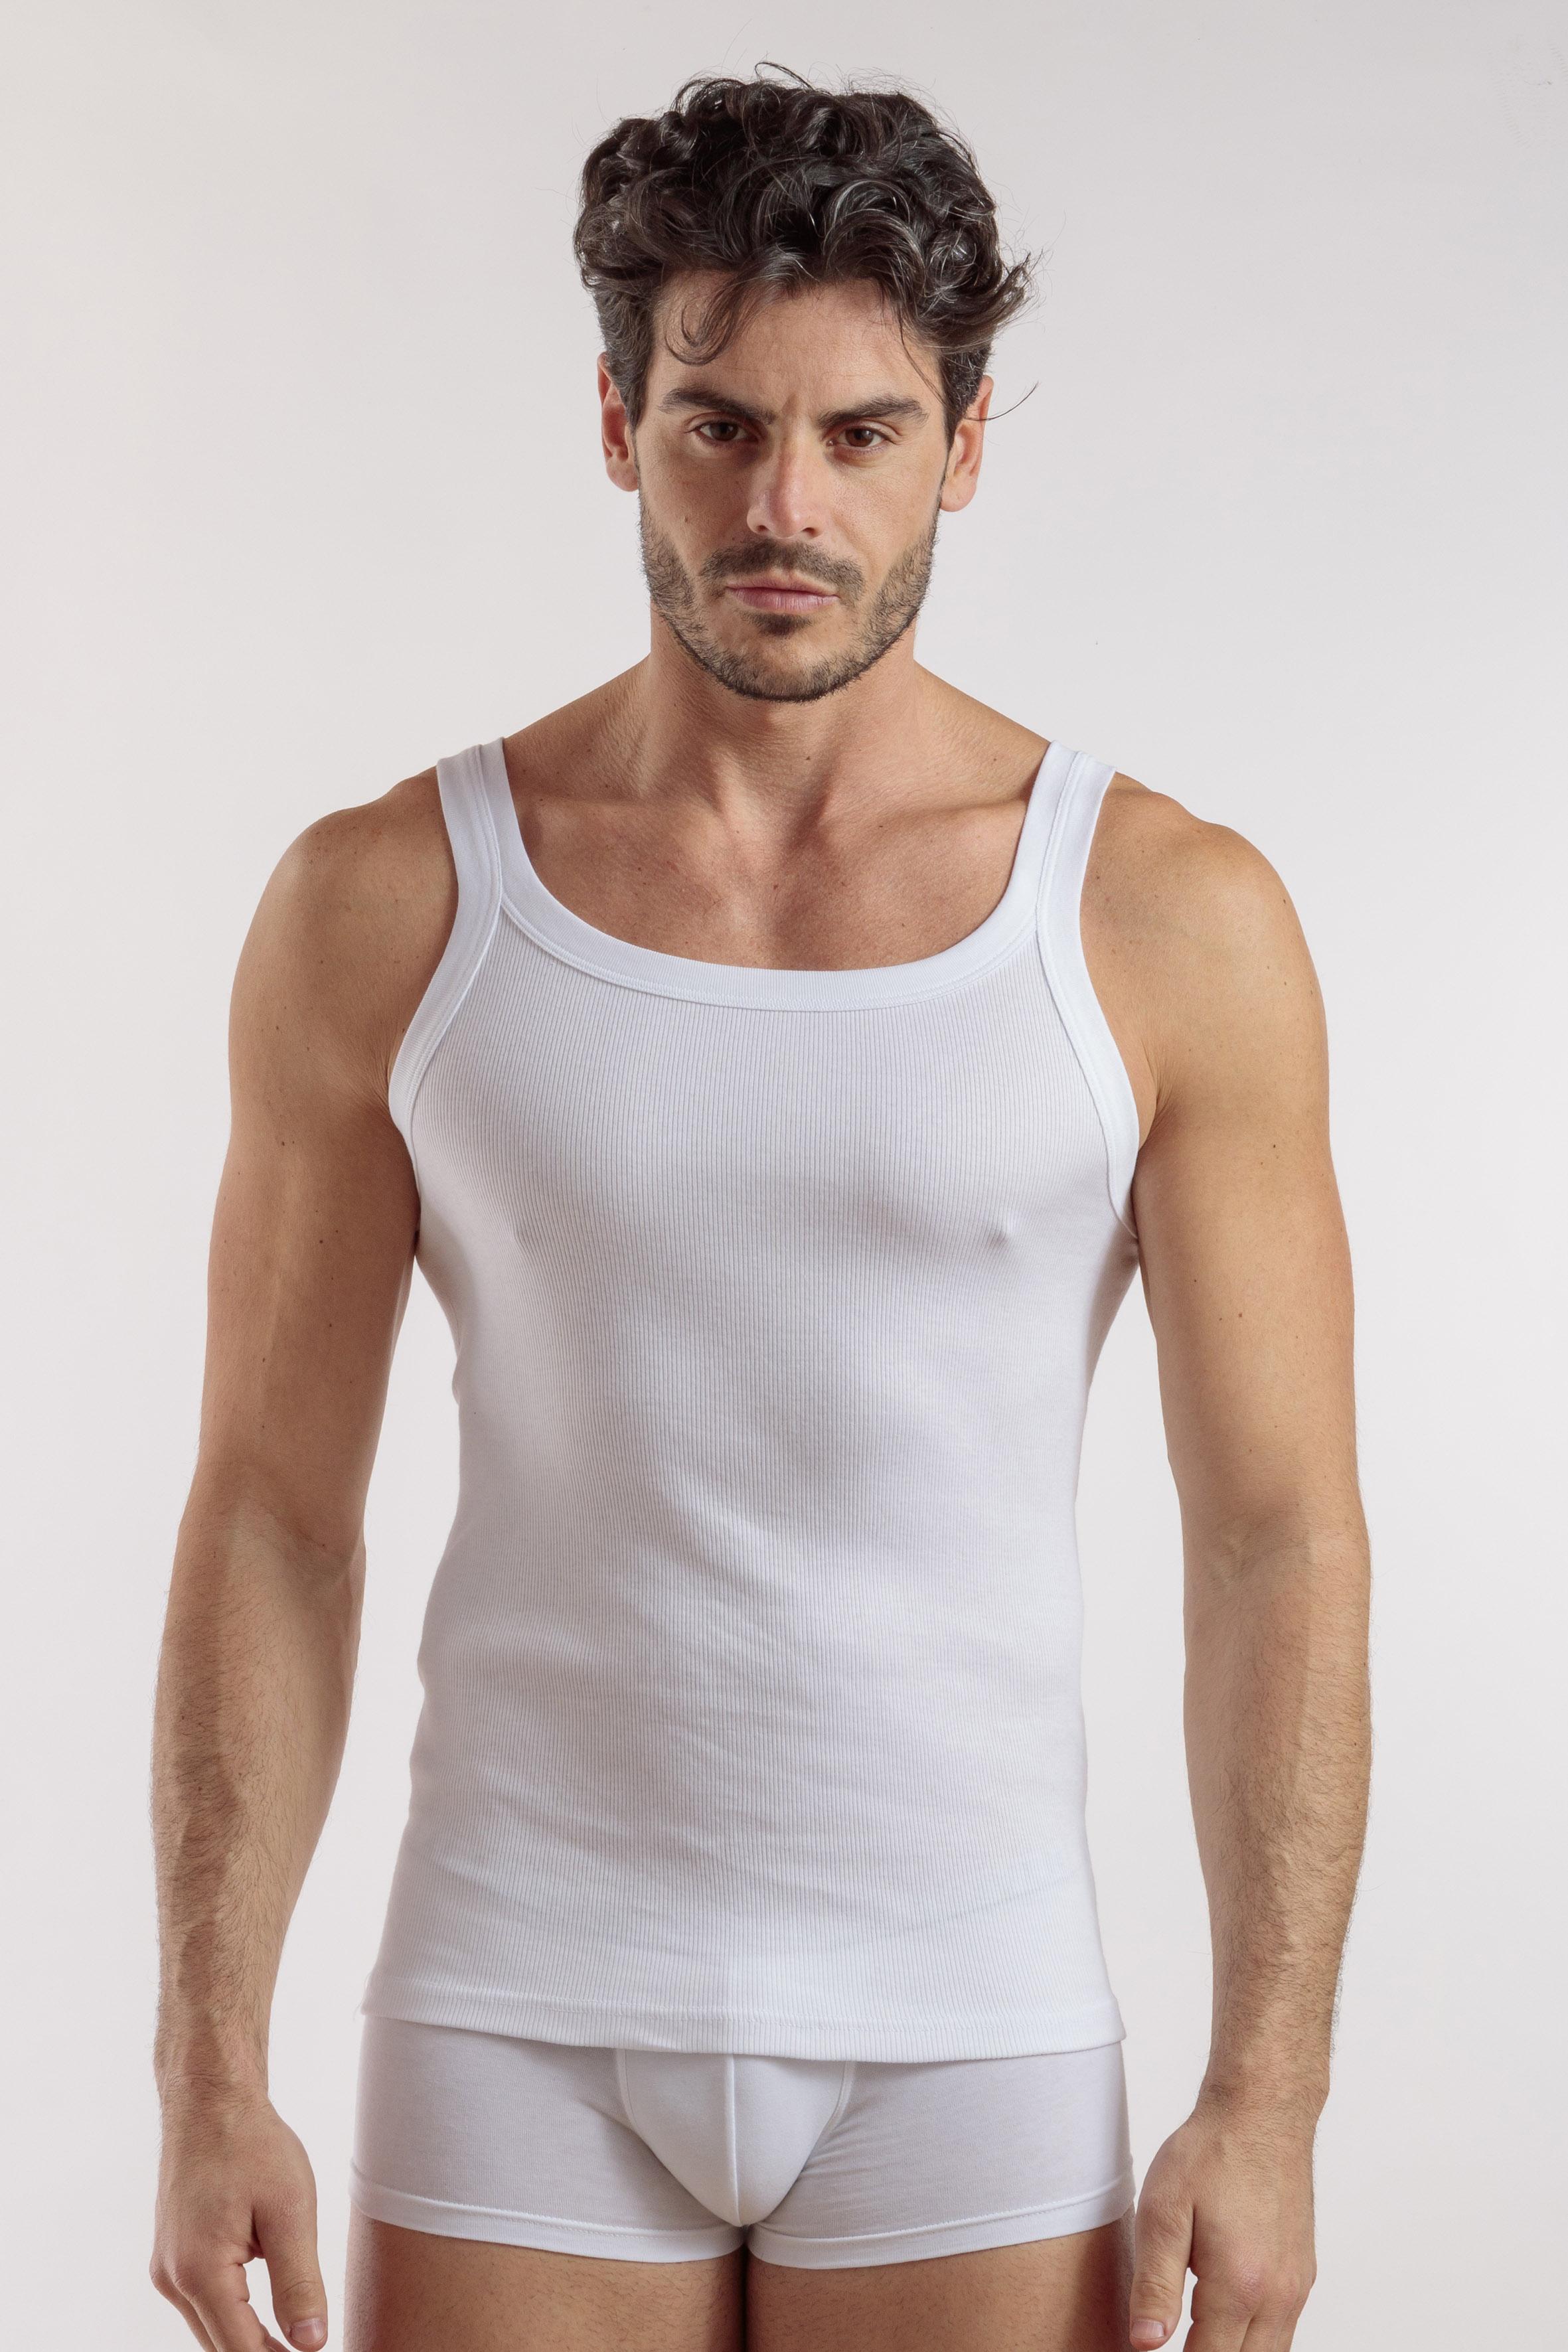 натуральный коллекционный фото красивых мужчин в белых футболках севастьянова, фото